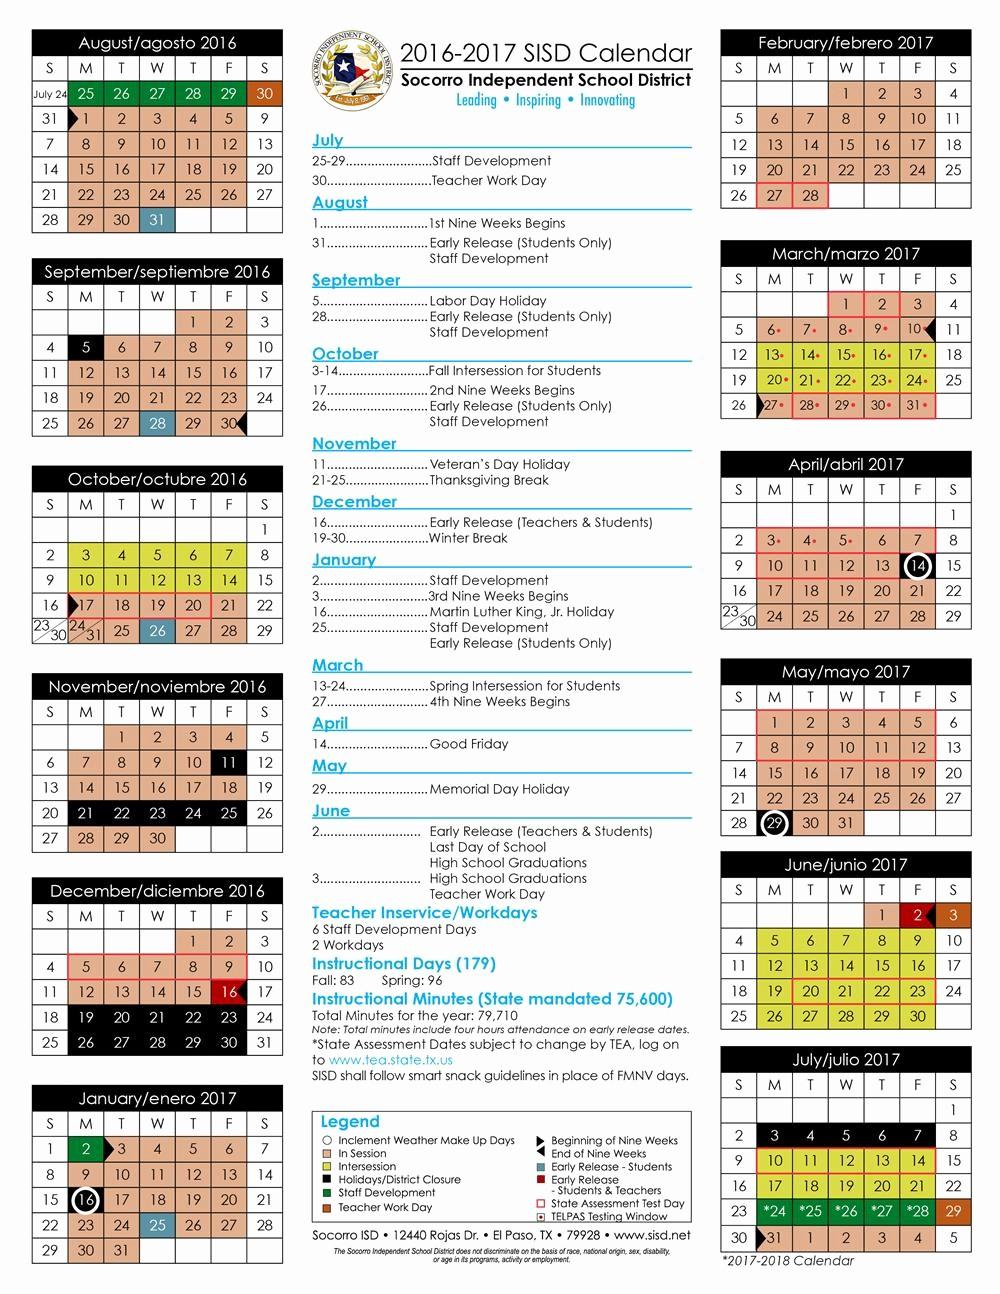 Blank Calendar 2016-17 Elegant Yisd Calendar